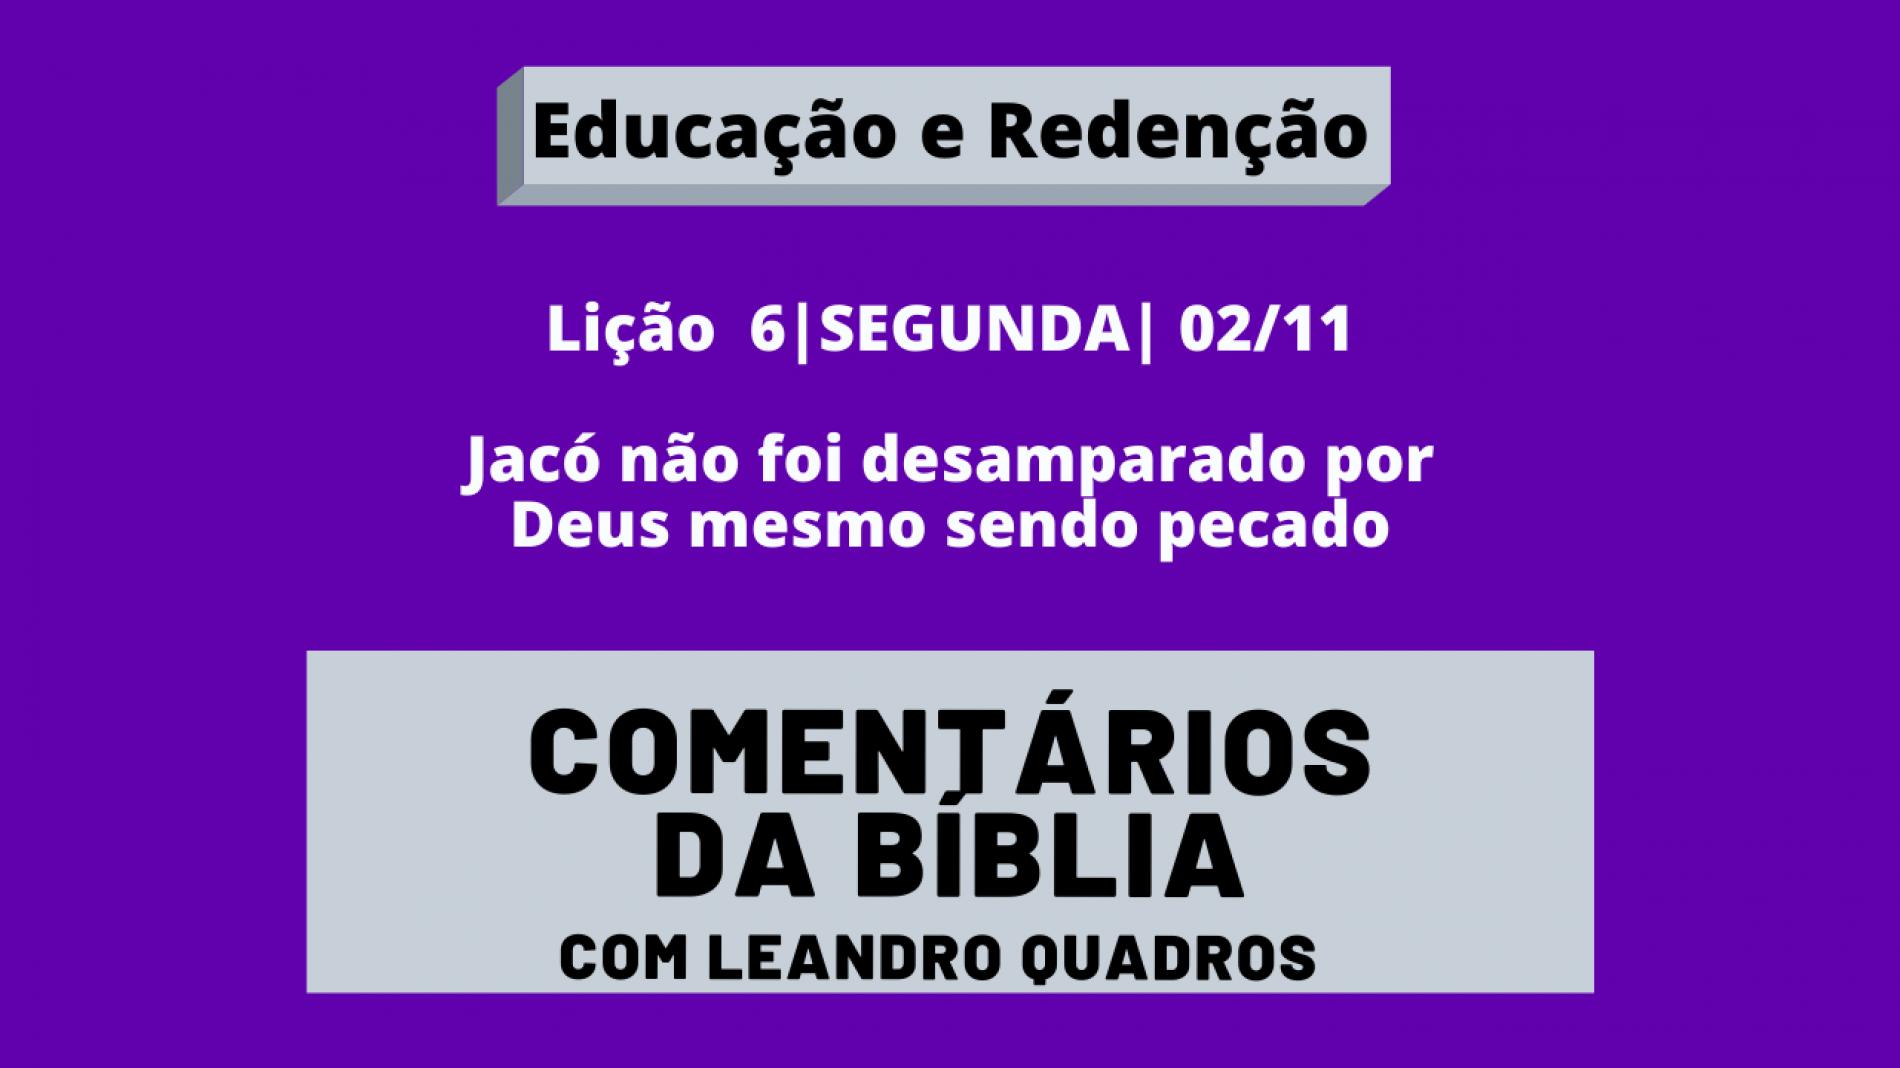 Segunda |02/11| Jacó não foi desamparado por Deus mesmo sendo pecador